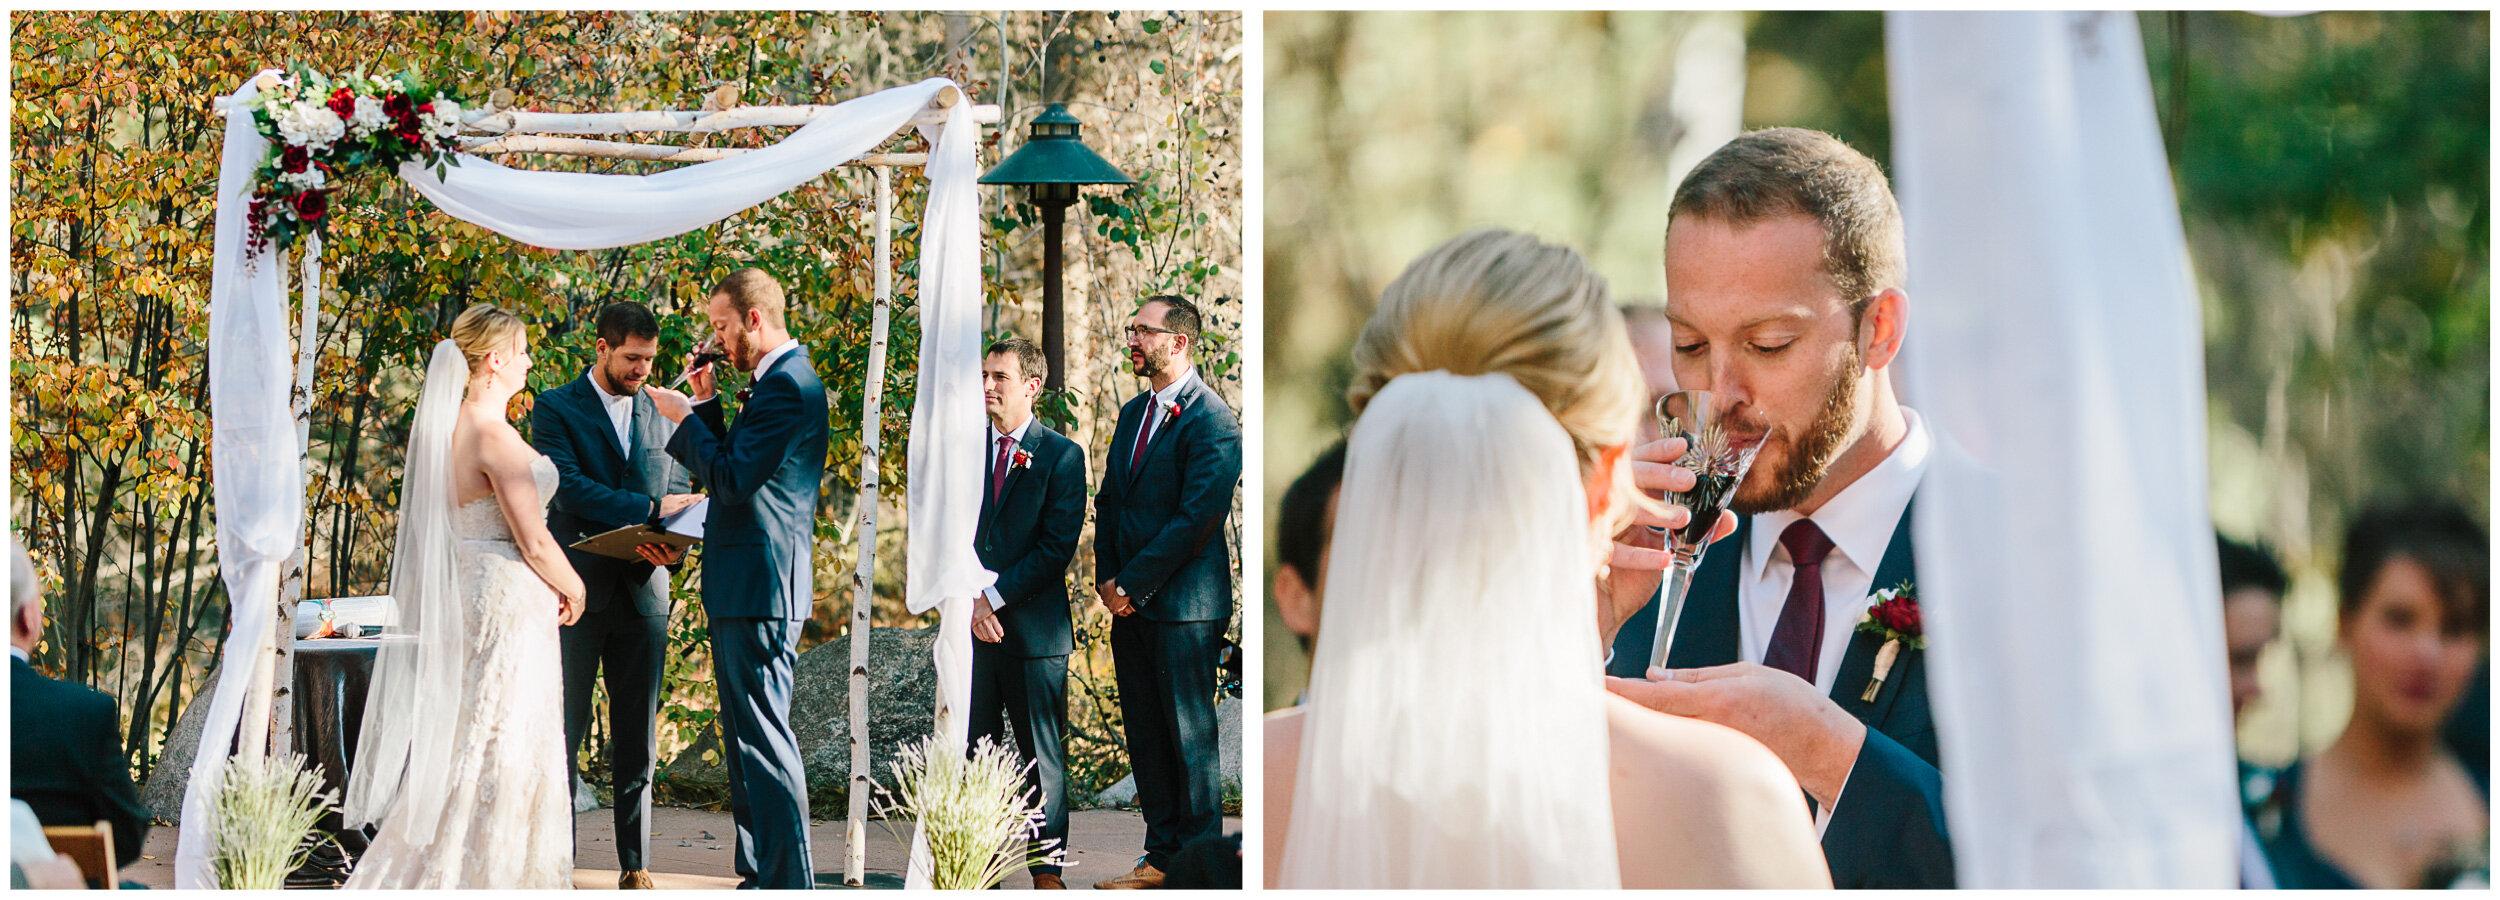 vail_wedding_77.jpg